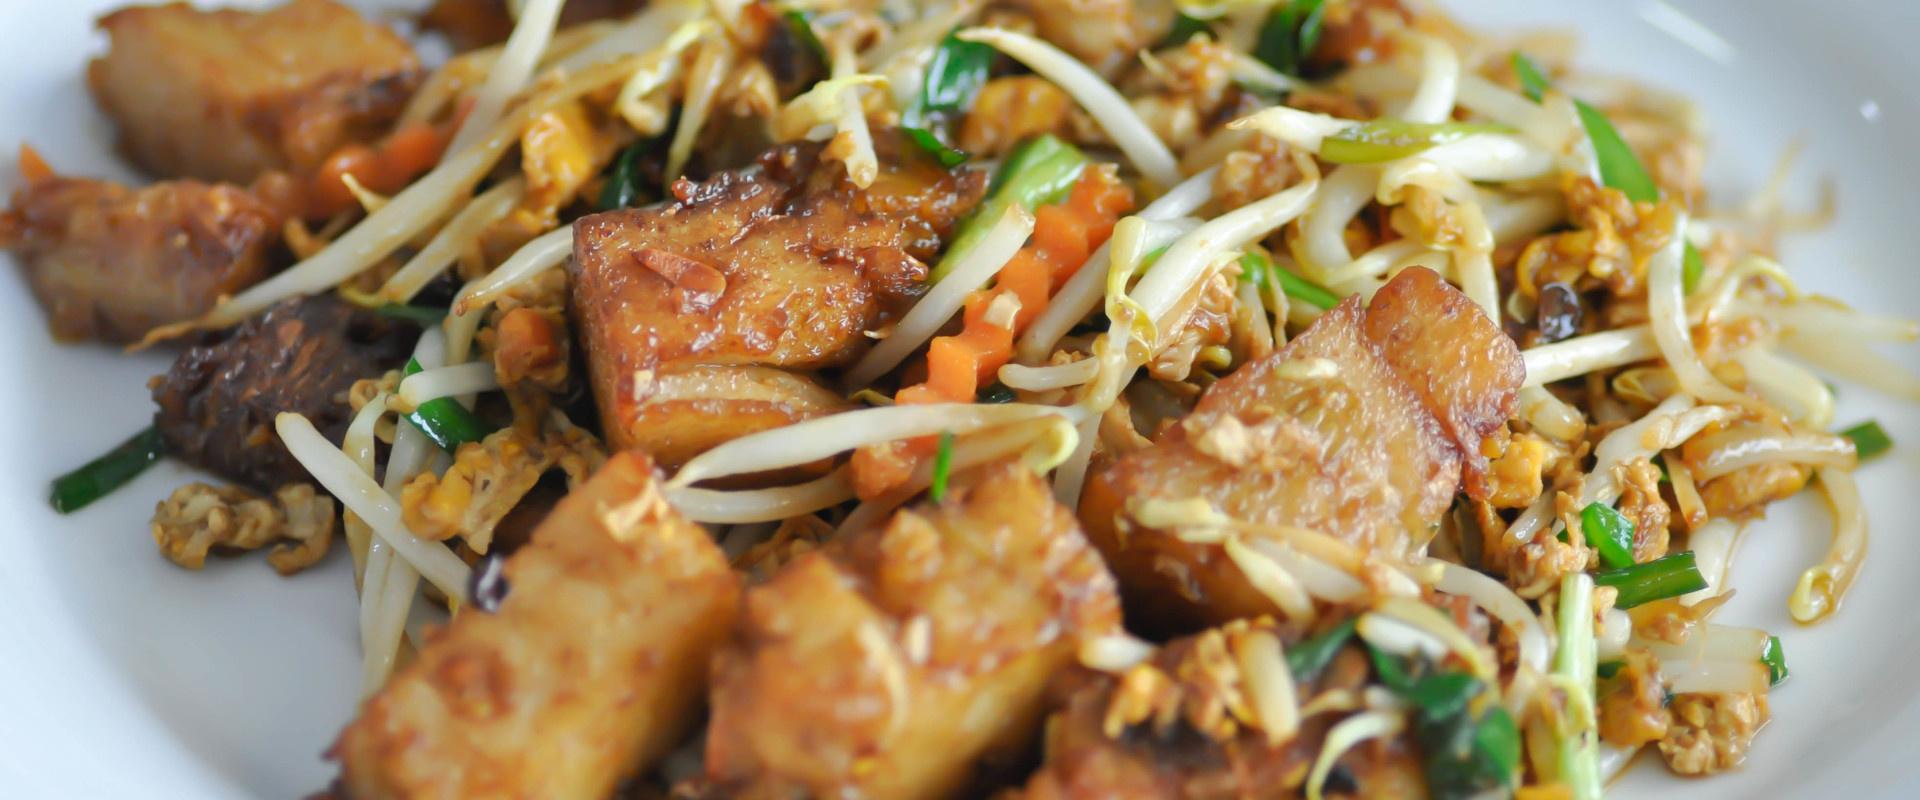 pirított tofu zöldségekkel cover